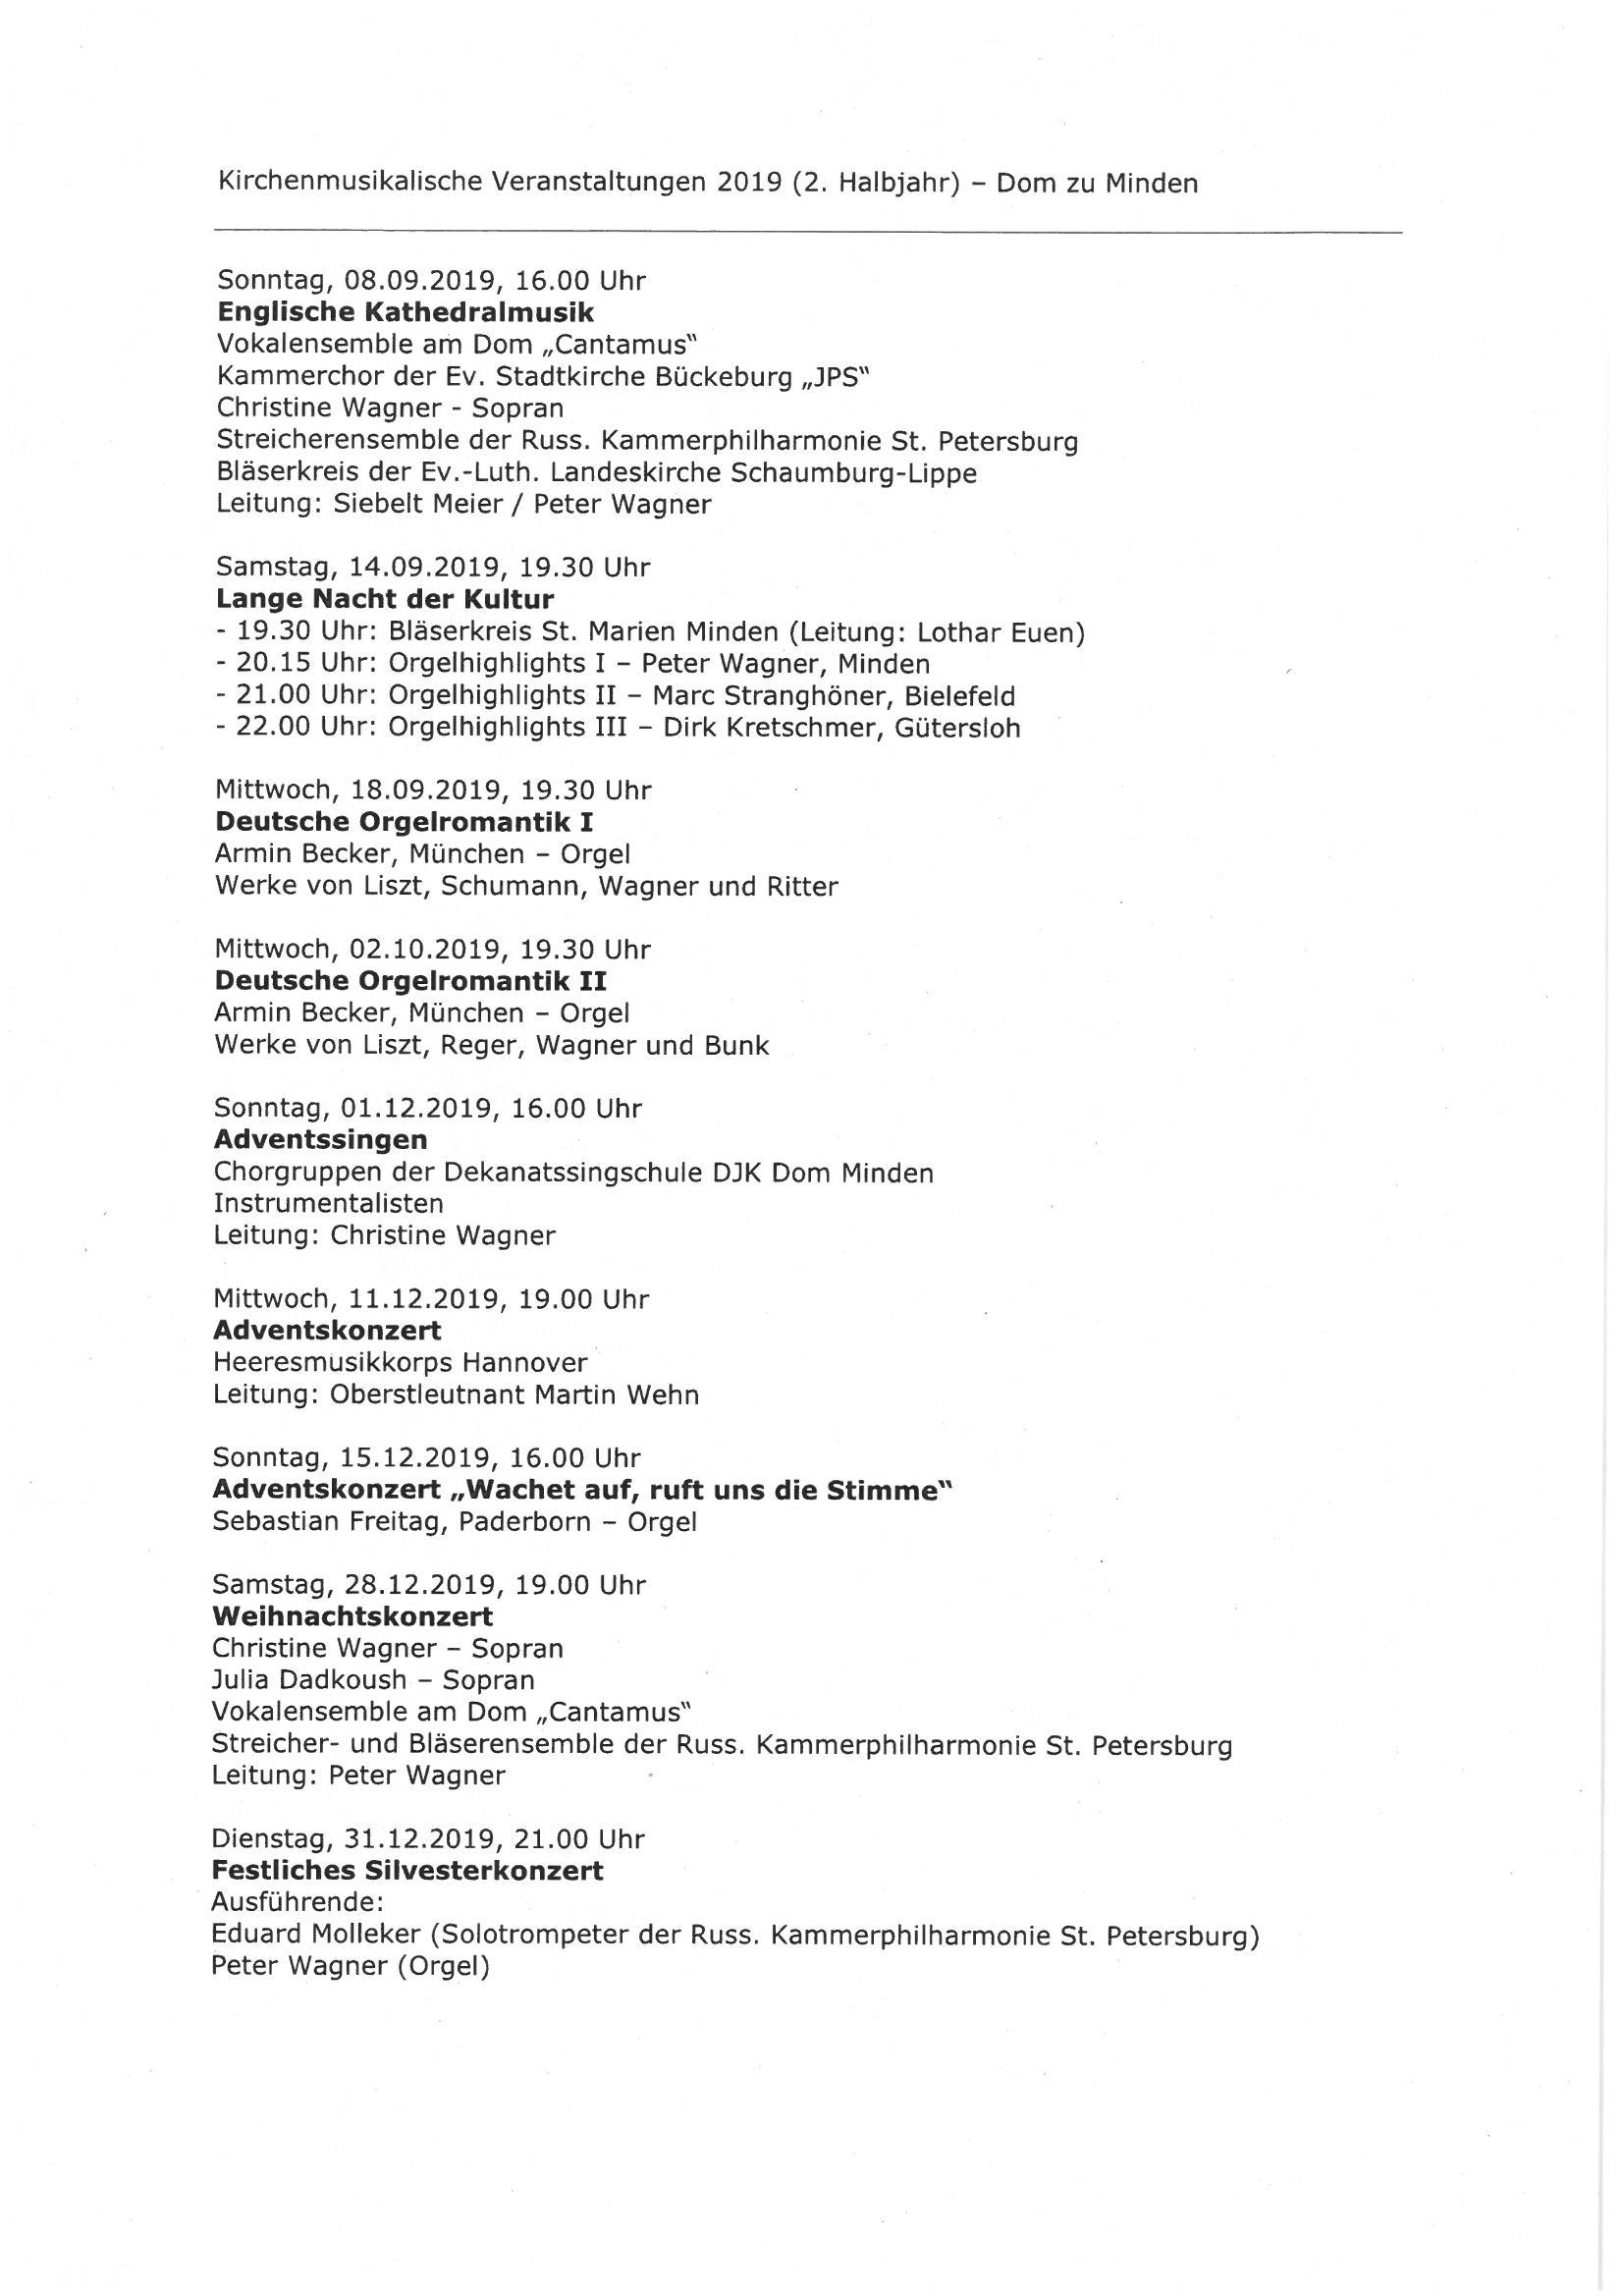 Kirchenmusikalische Veranstaltungen 2019 (2. Halbjahr)